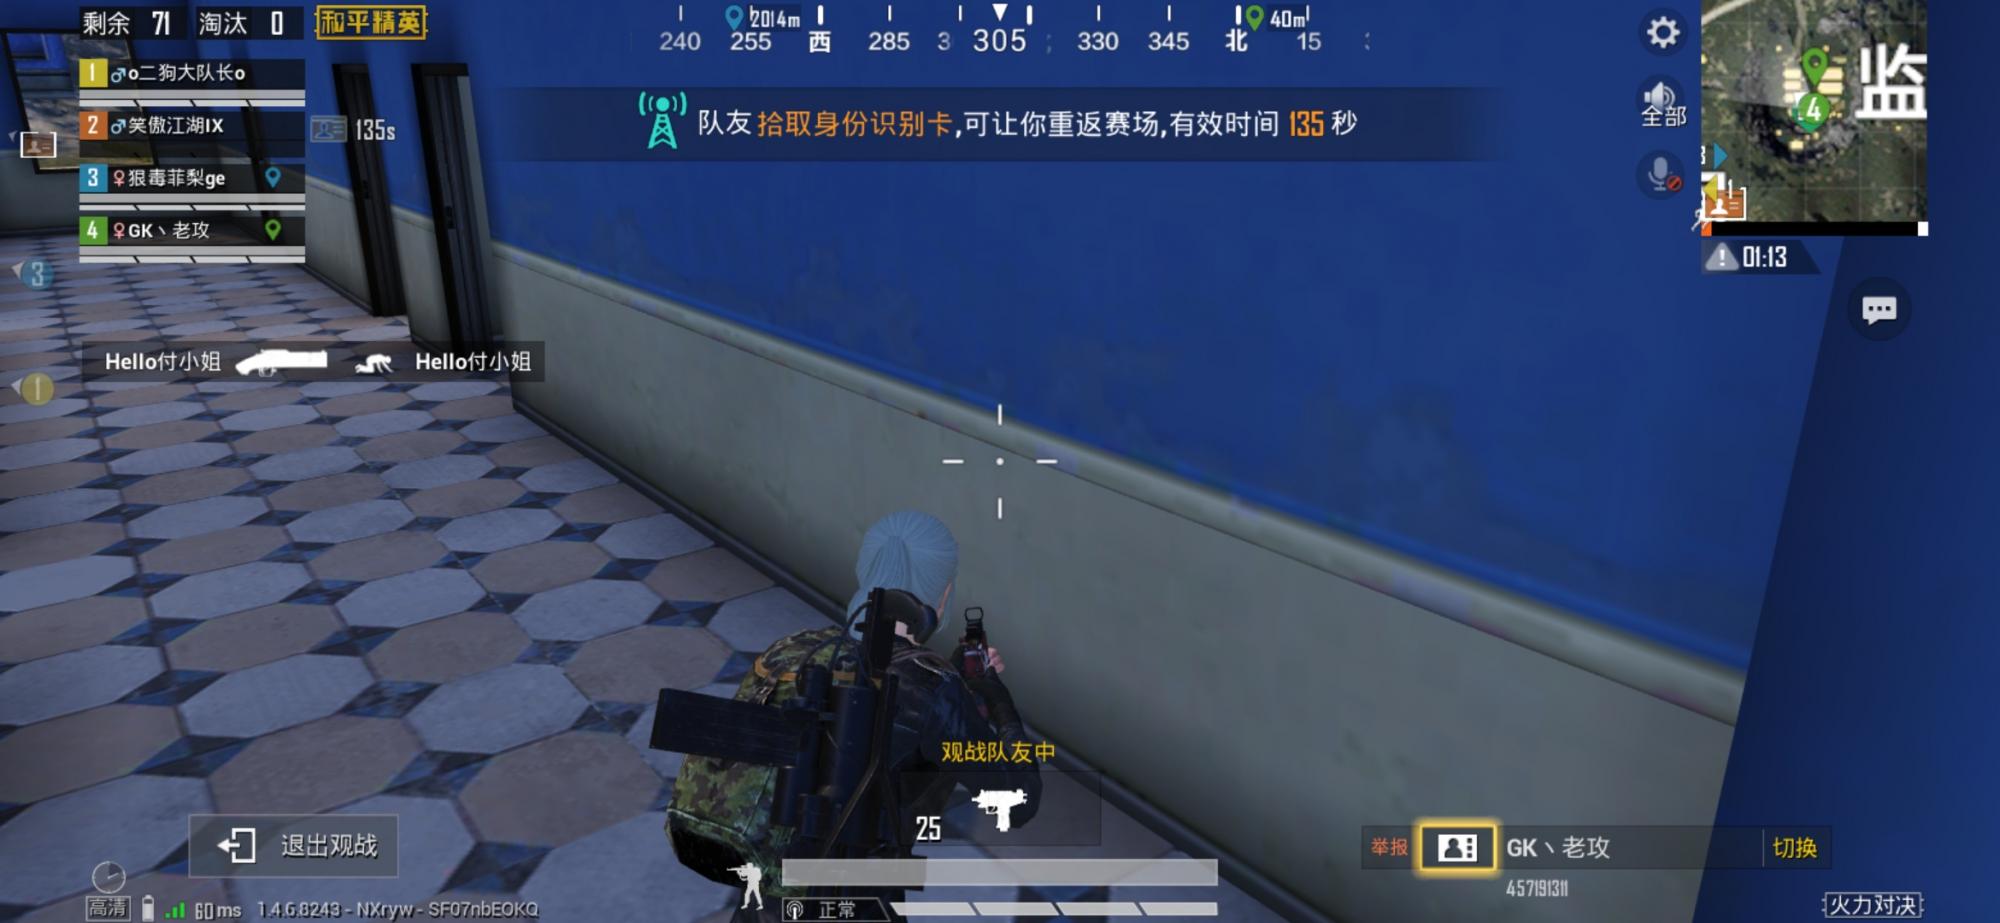 Screenshot_20191117_123528_com.tencent.tmgp.pubgm.jpg